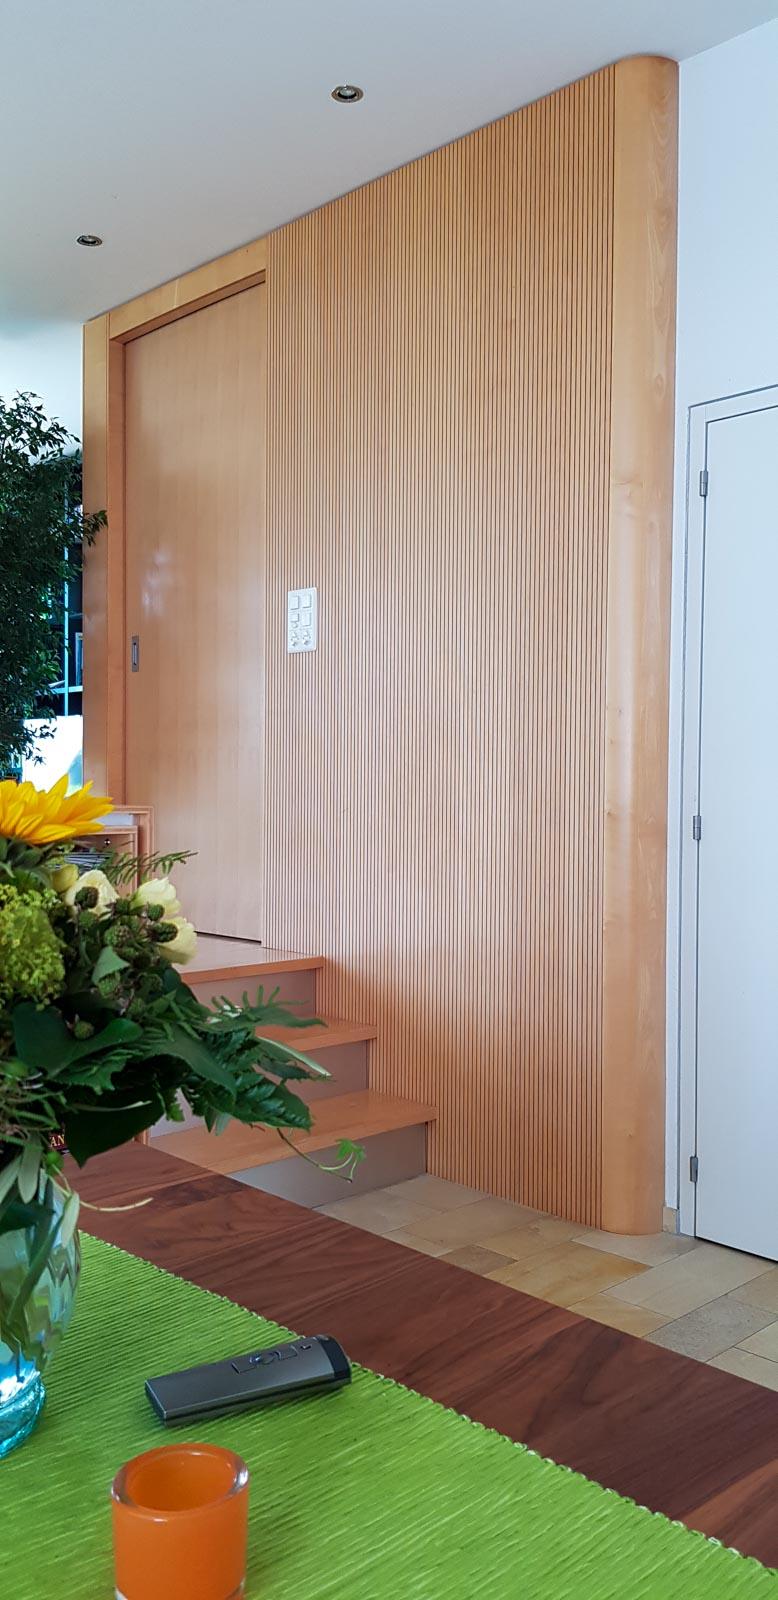 Wooddesign_Wohnzimmermöbel_Ahorn_ hell_Schallabsorption_Schalldämmung_Schiebetüre (2)